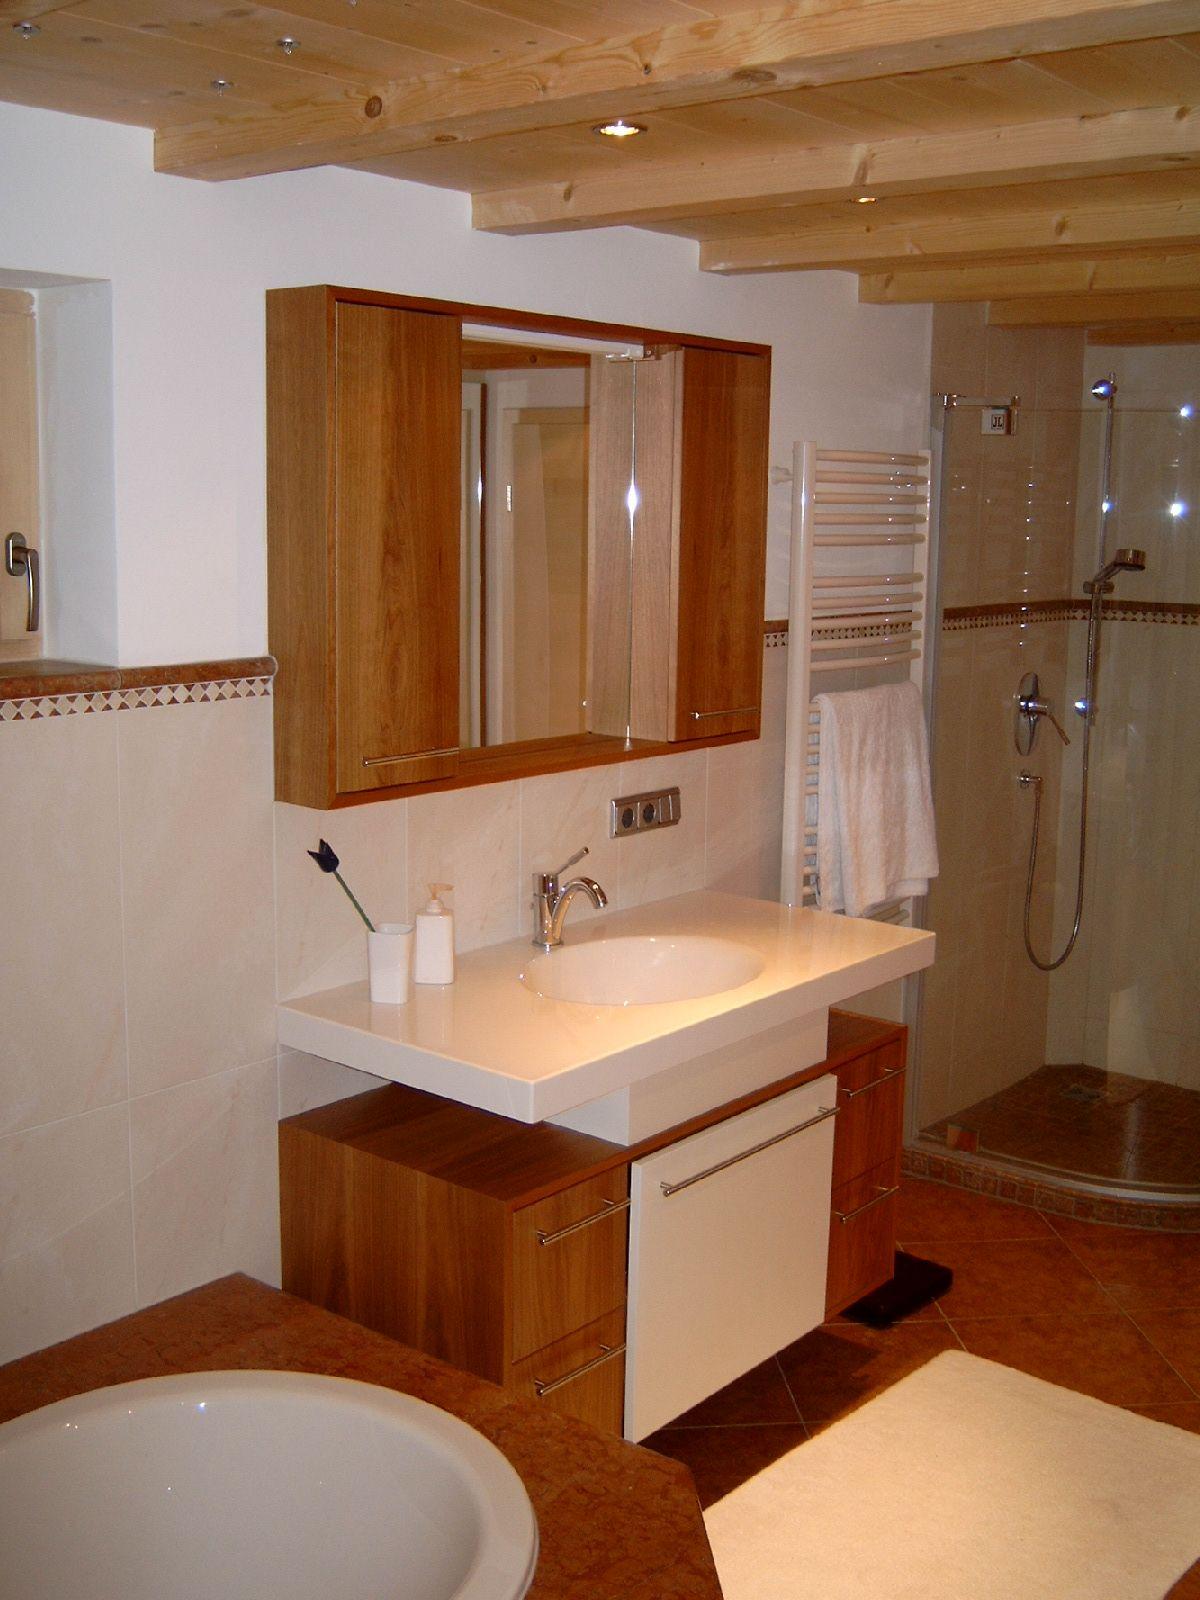 Badmöbel in Kirschbaum   Badezimmer schrank, Schrank, Badmöbel